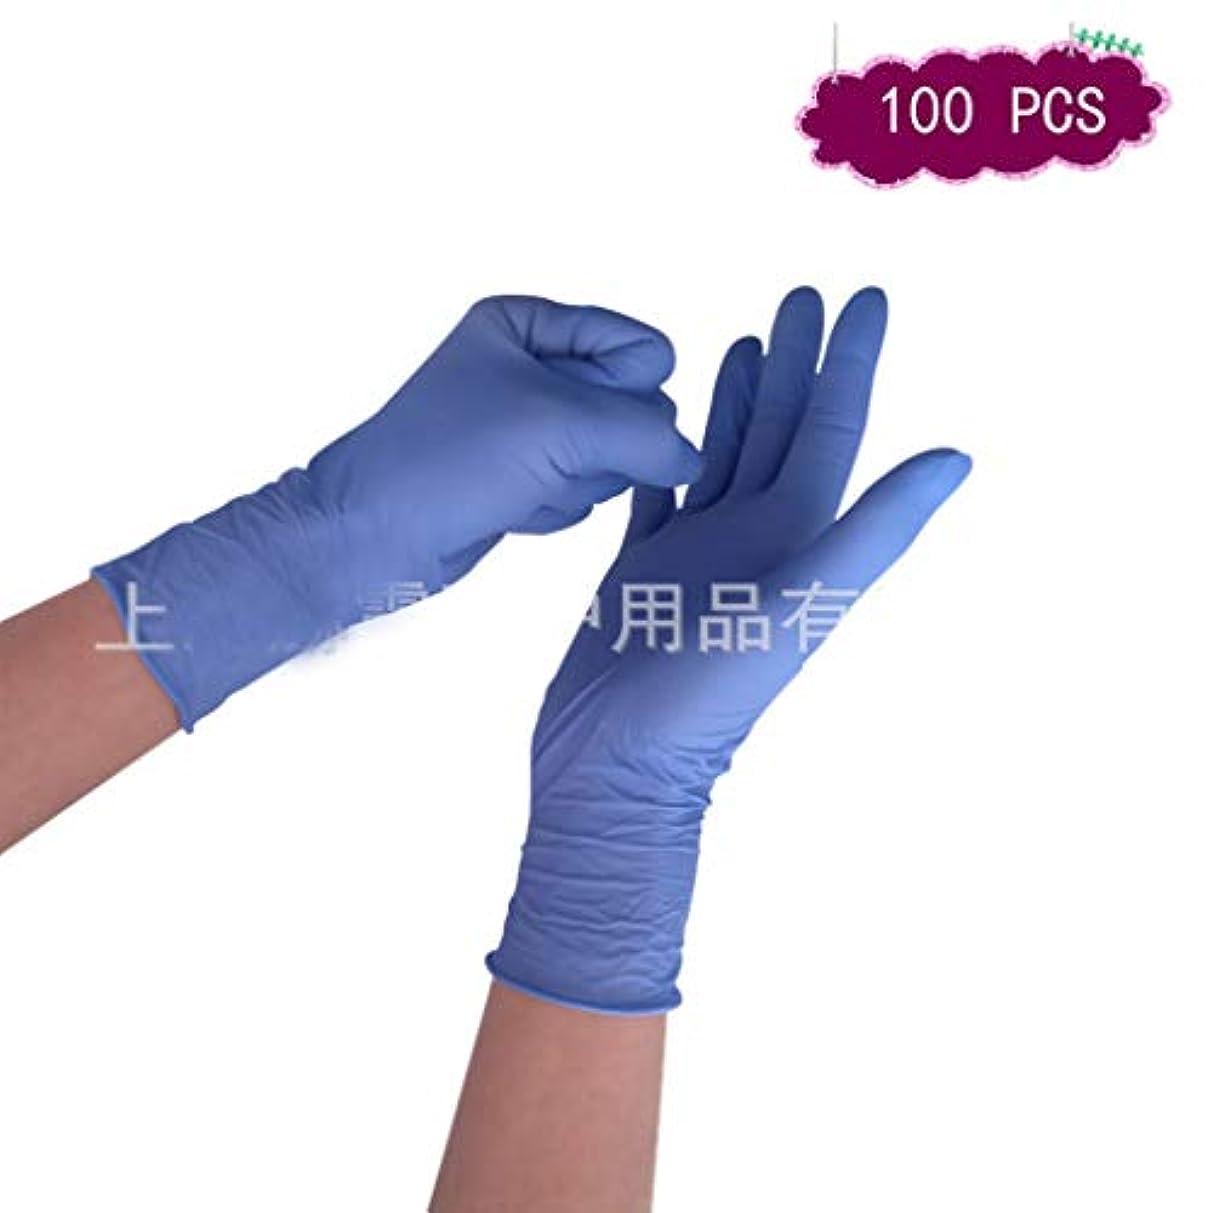 漂流絡まる小数ゴム製の実験室のタトゥー耐油使い捨てラテックス手袋ニトリル食品グレードのキッチン世帯 (Color : 9 inch, Size : L)